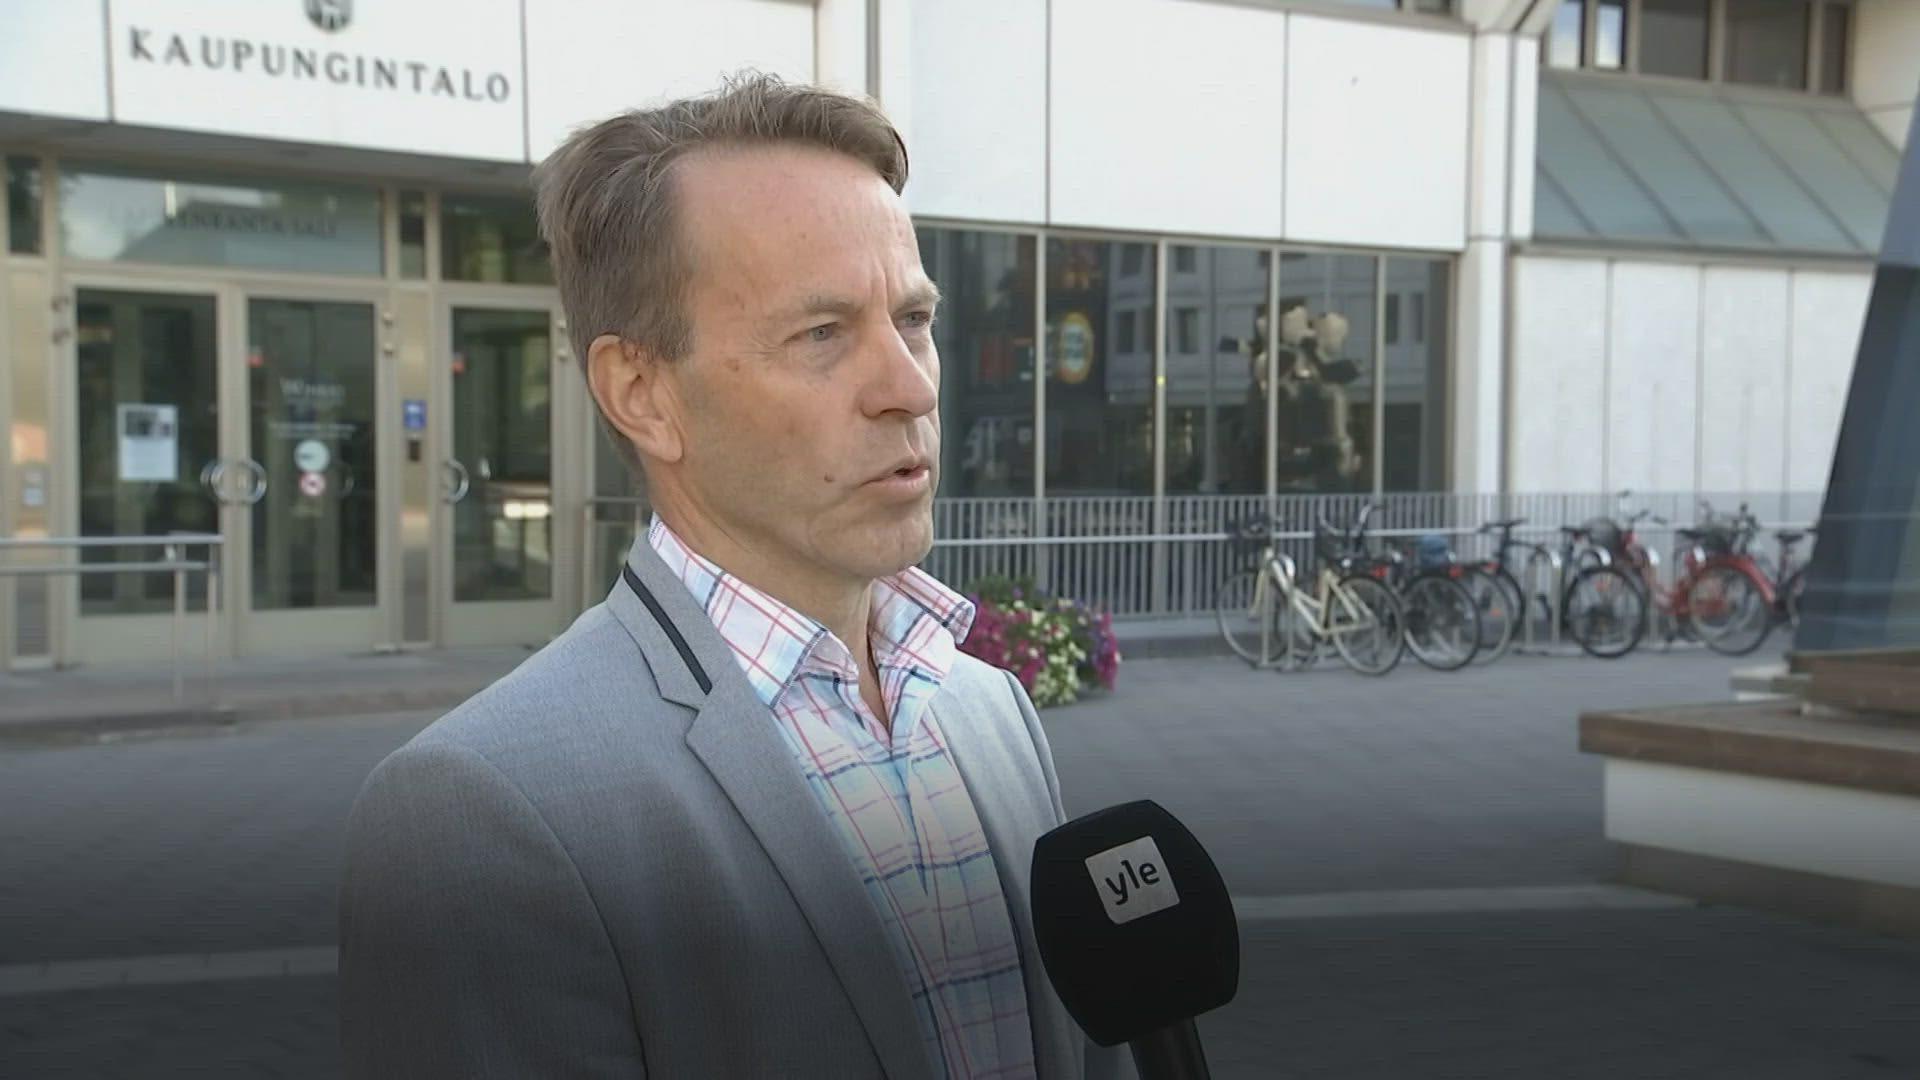 """Tuulivoimaselvitys torppasi Kaakkois-Suomen tuulivoimahaaveet – alueella ei raporttia niellä: """"Työ on jätetty täysin kesken"""""""